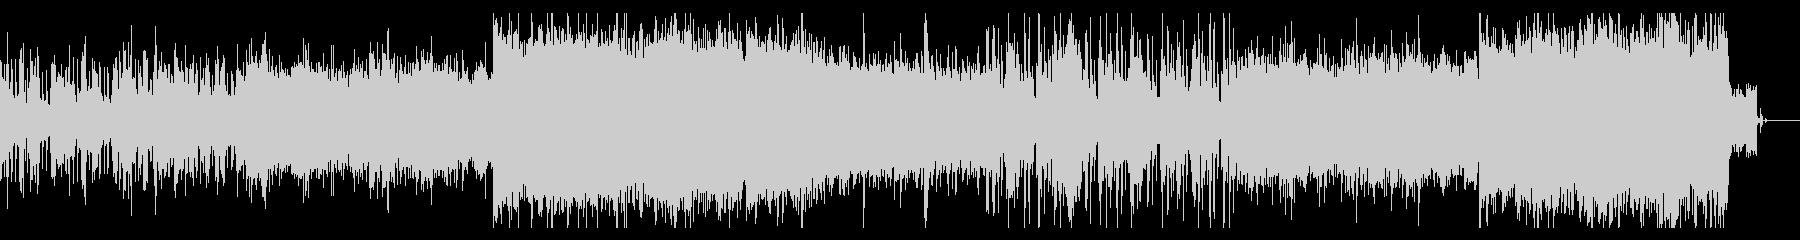 サイバネティックなSFシネマティック曲の未再生の波形